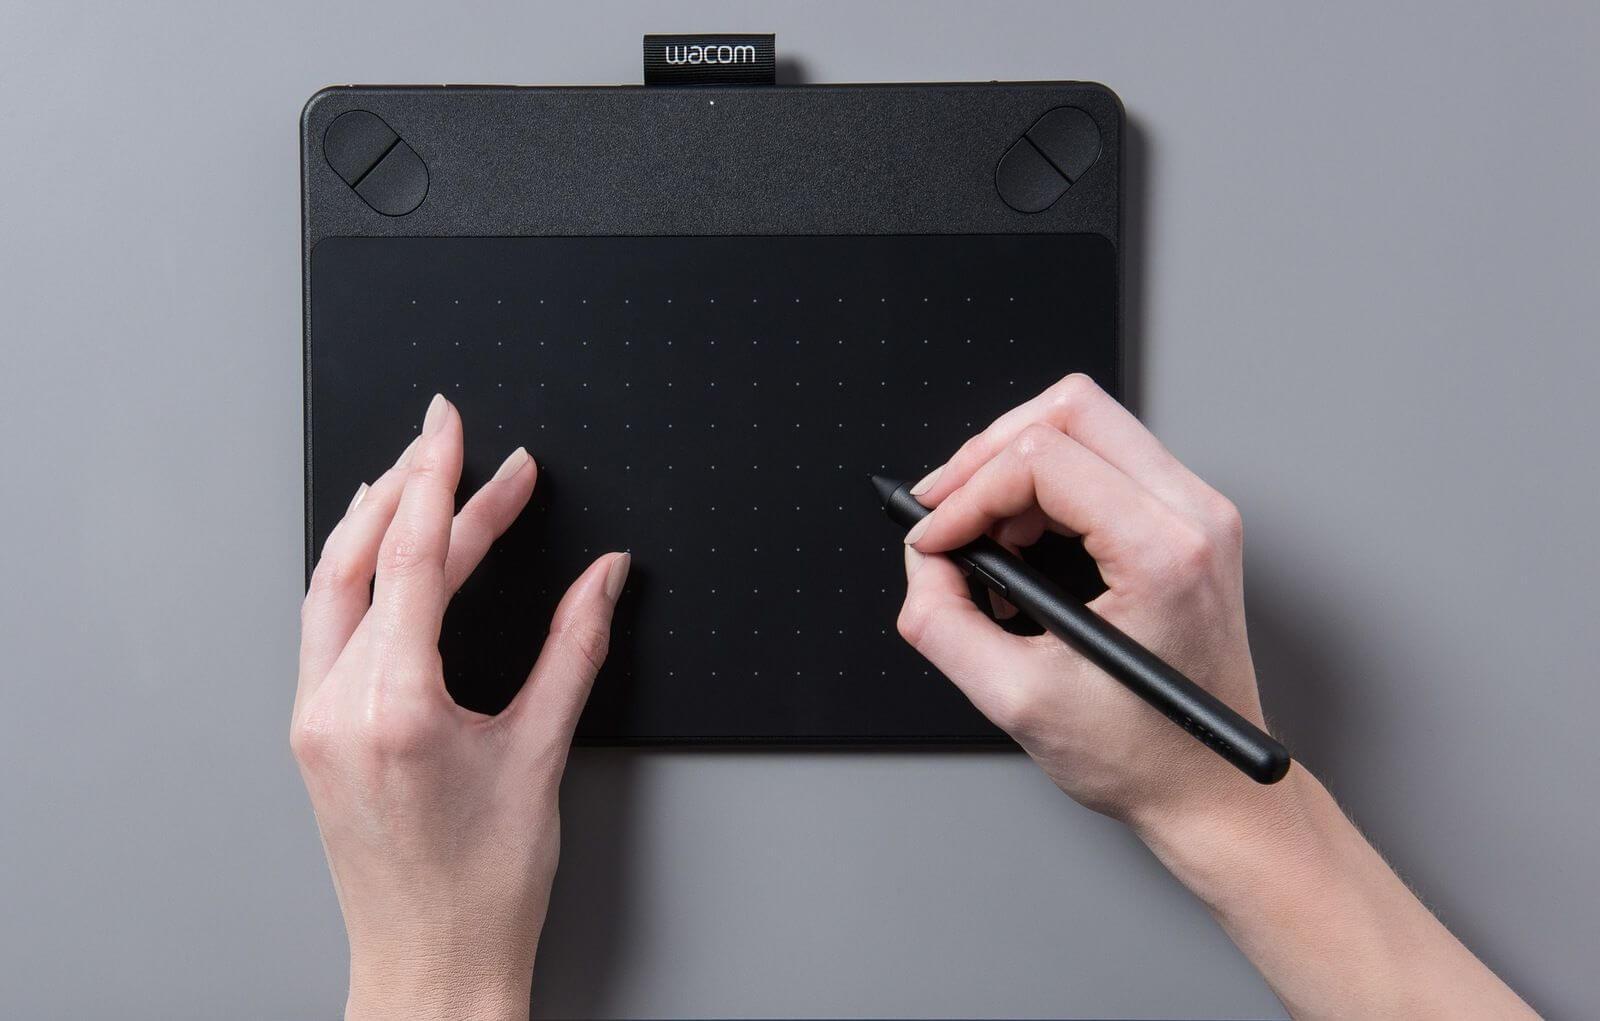 Dando mesas à criatividade: Wacom anuncia 4 novos modelos da linha Intuos 6